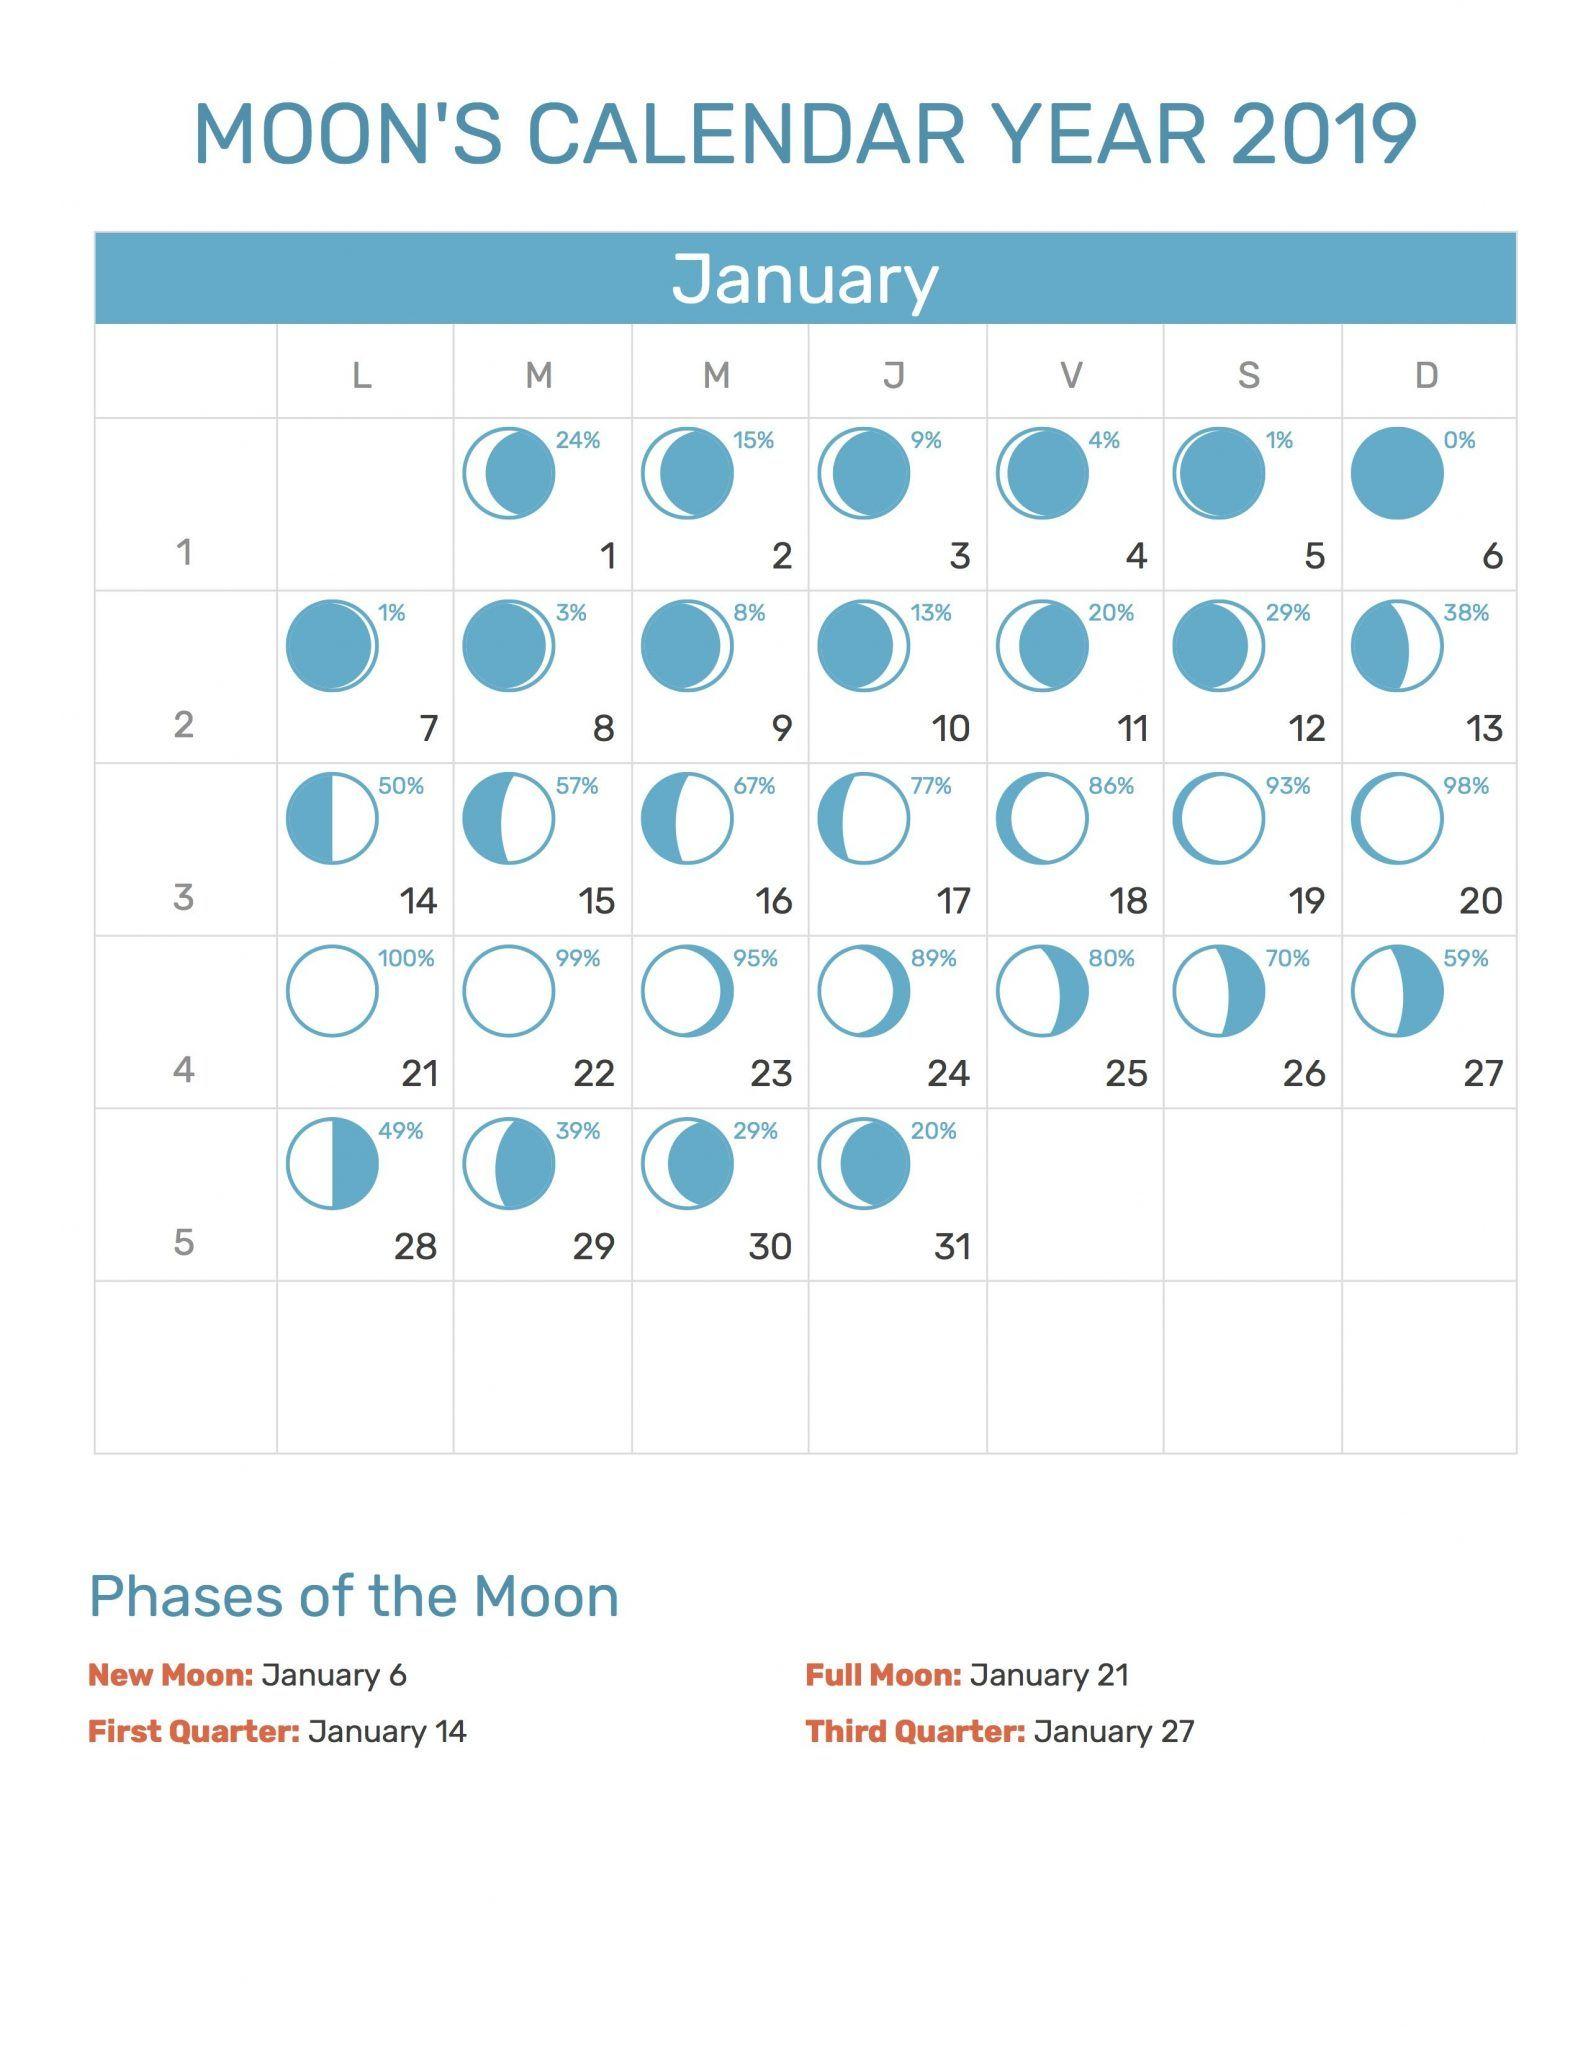 Moon Phase Calendar 2019 January January 2019 Calendar Moon Phases | 20+ January 2019 Calendar PDF